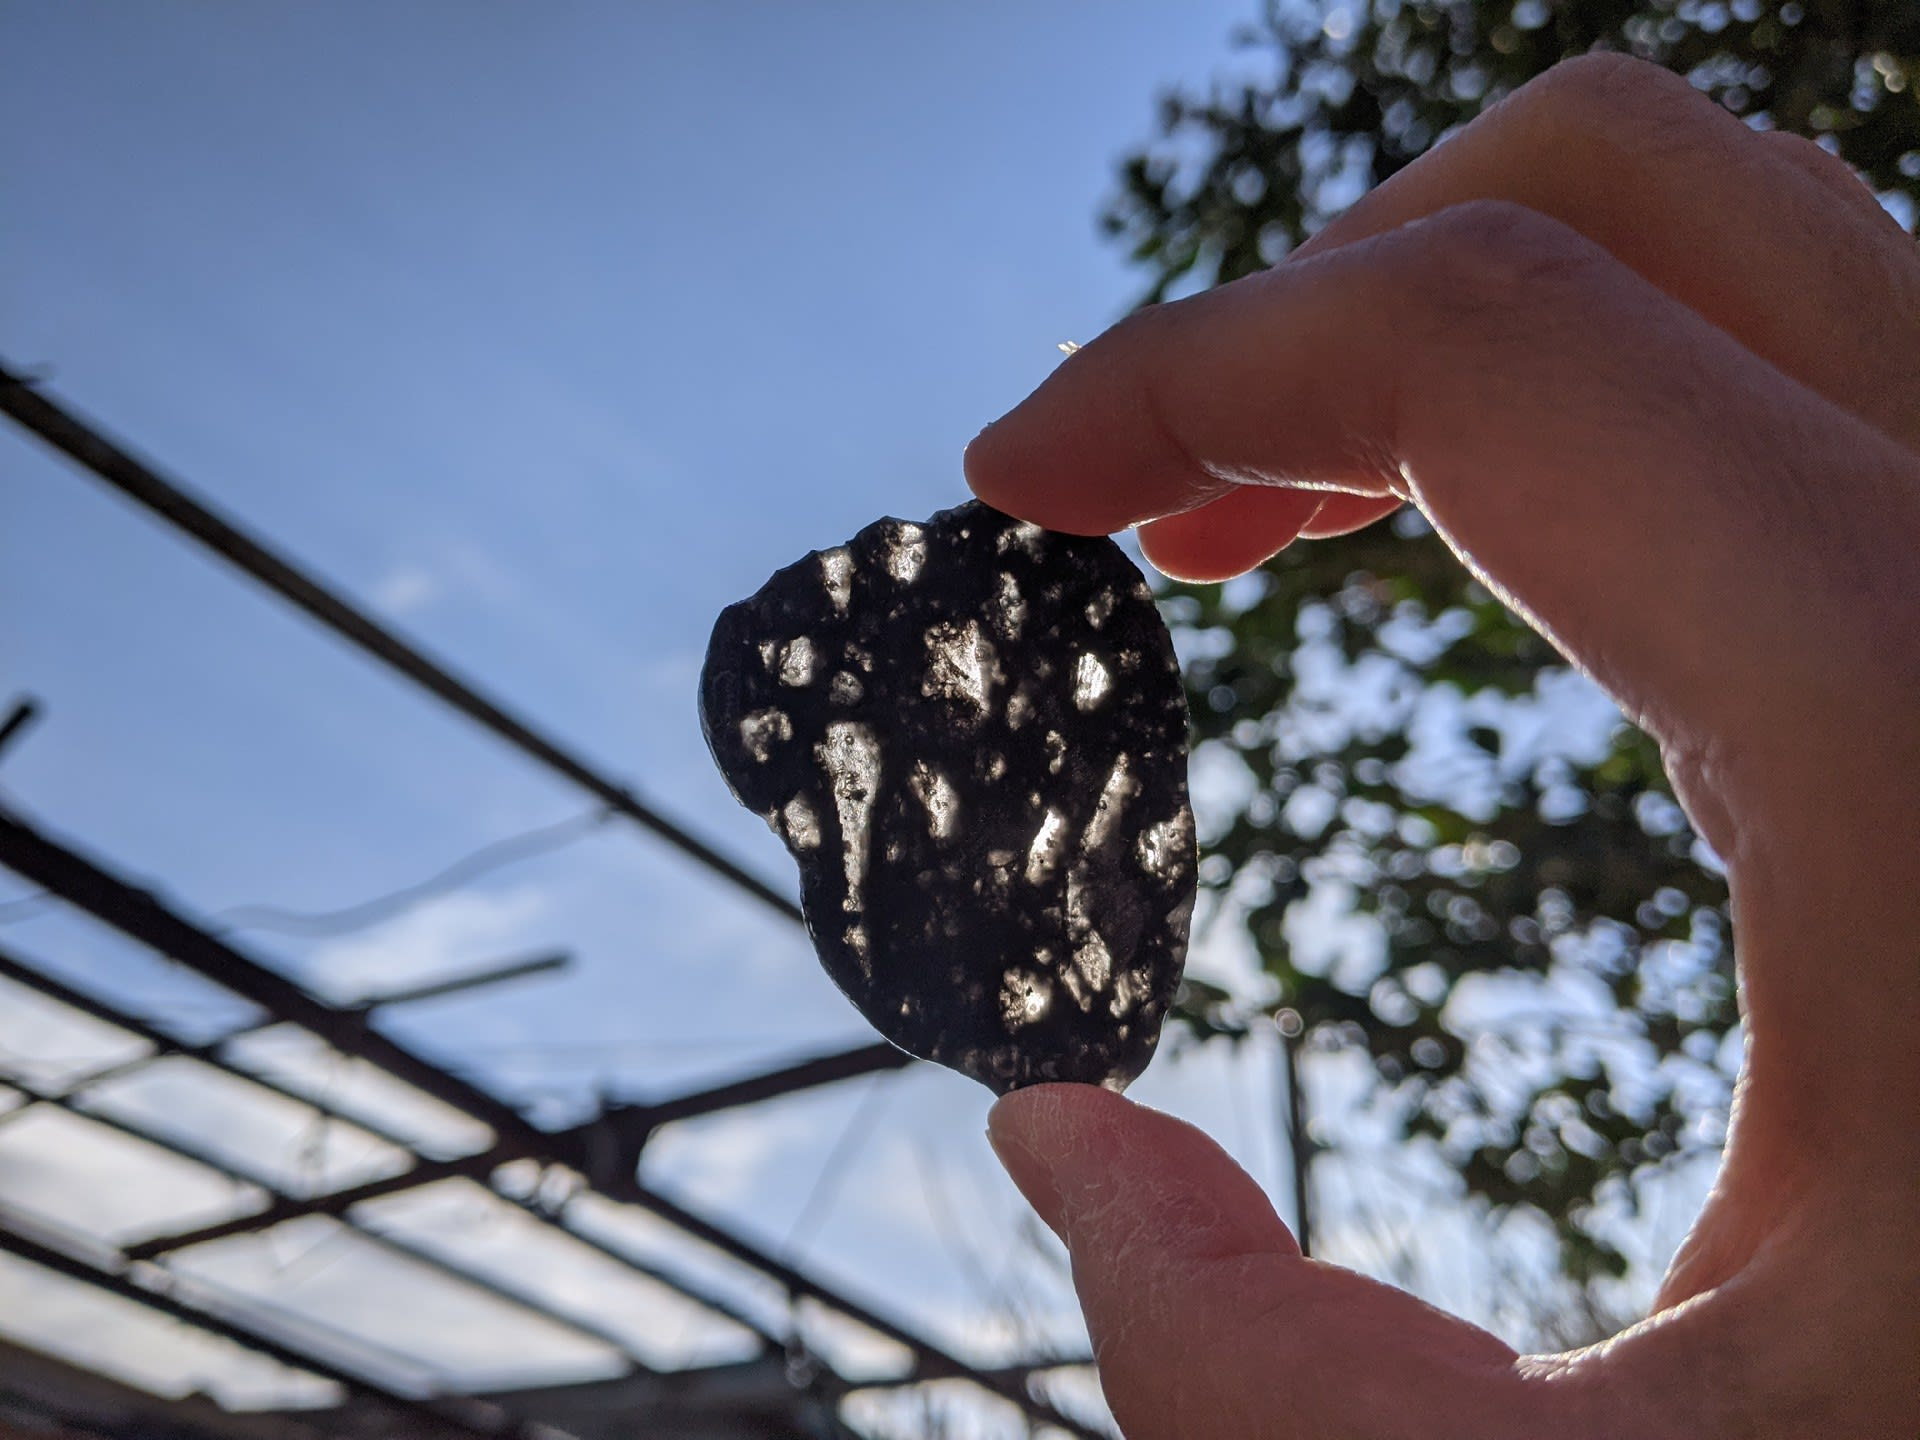 ――神津オブシディアンラボでイチオシの商品とその理由を教えてもらえますか?